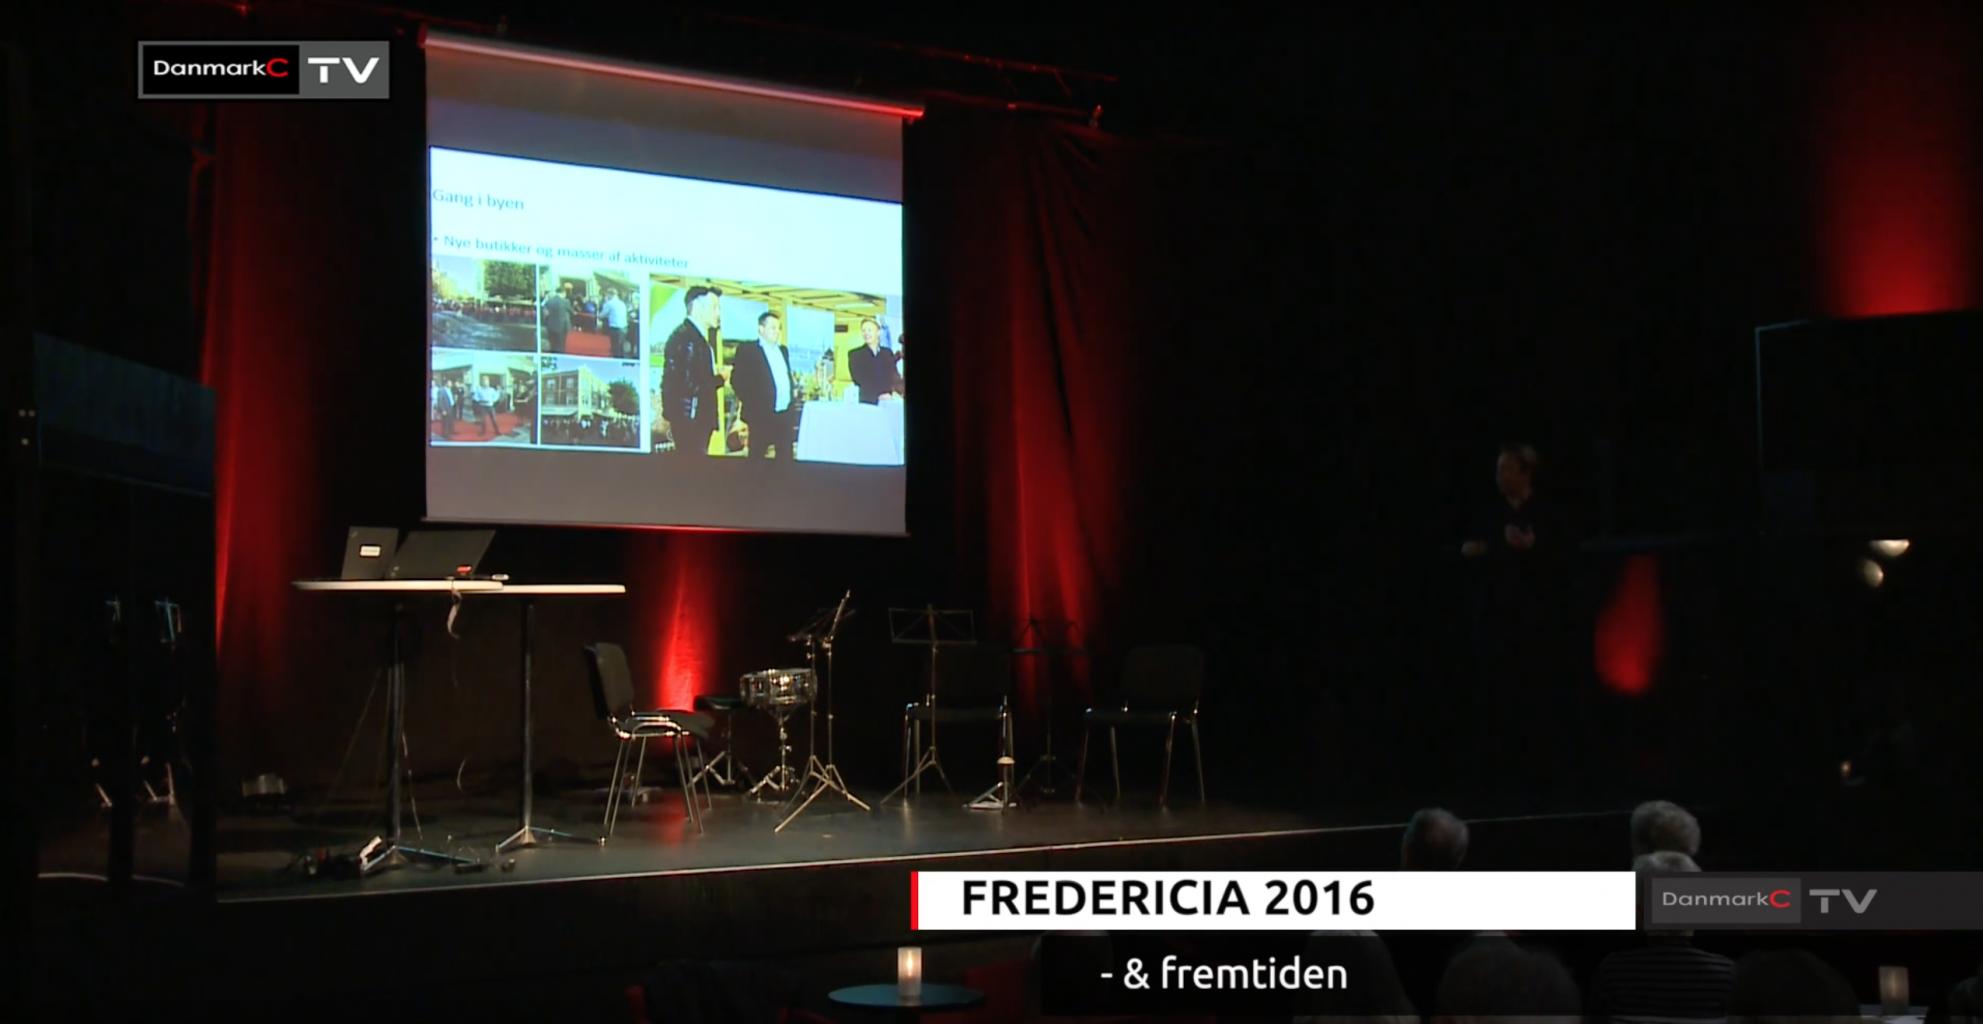 fredericia-2016